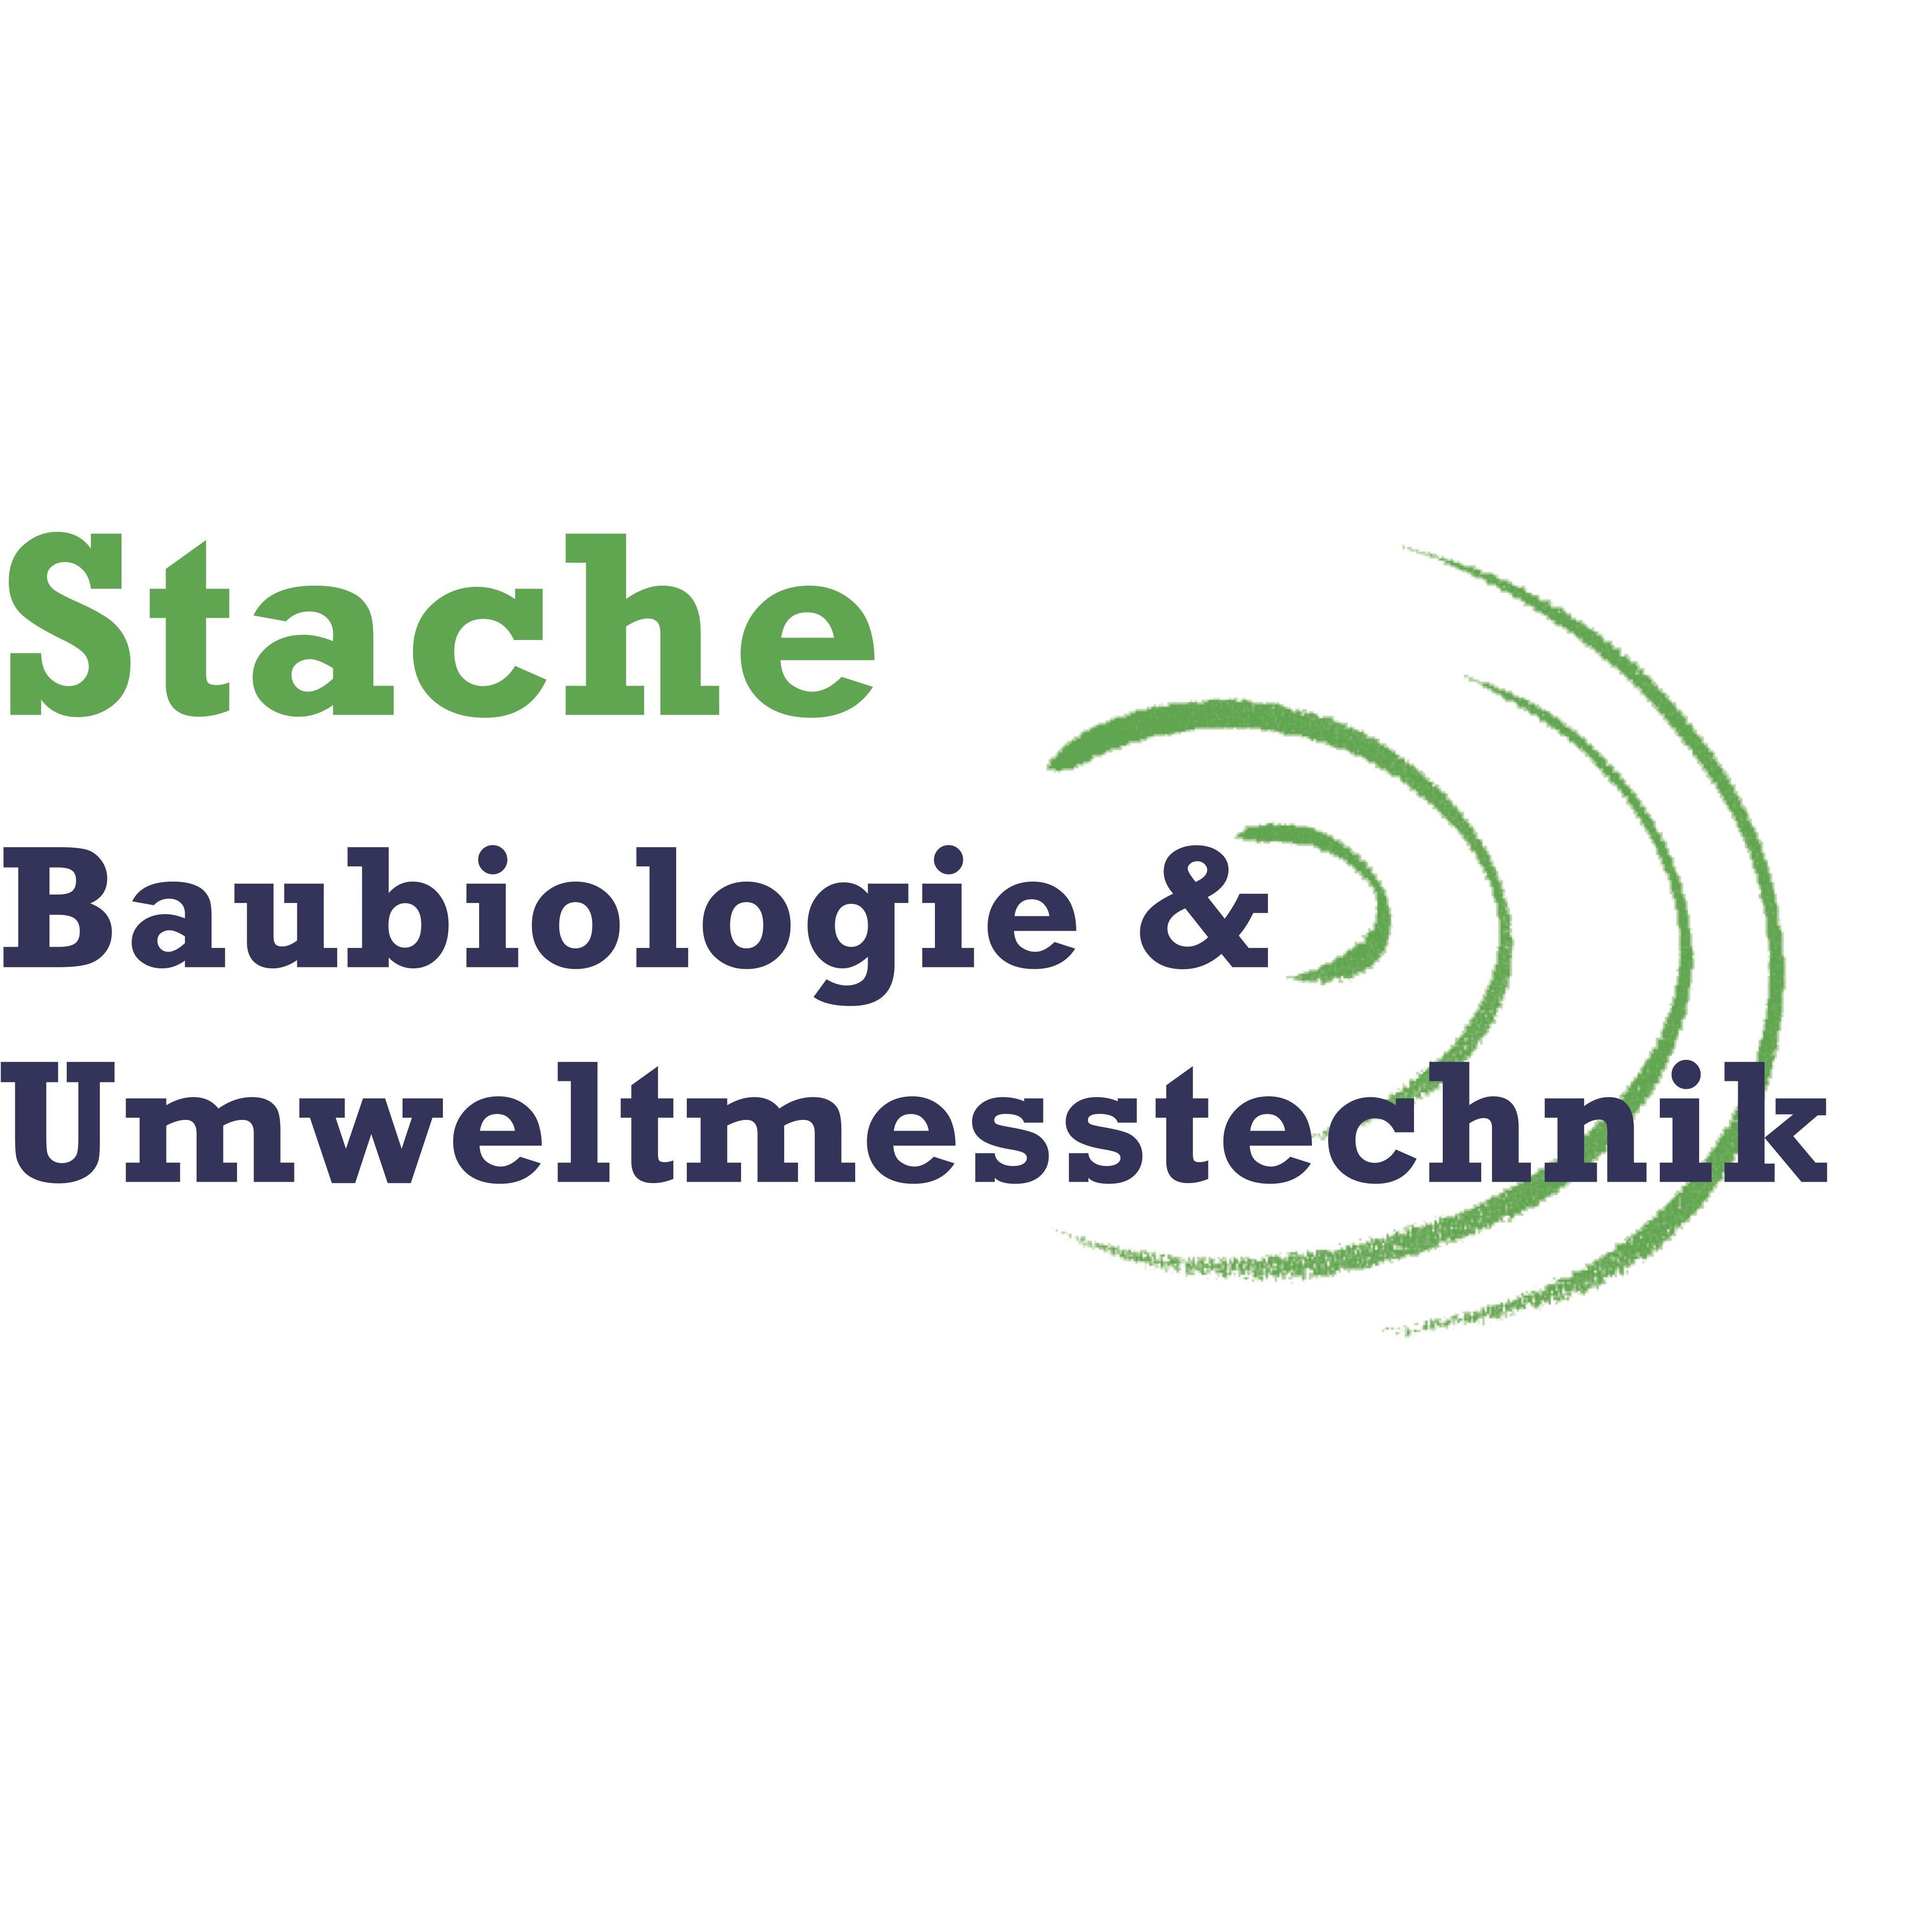 Bild zu Baubiologie und Umweltmeßtechnik A. Stache in Köln